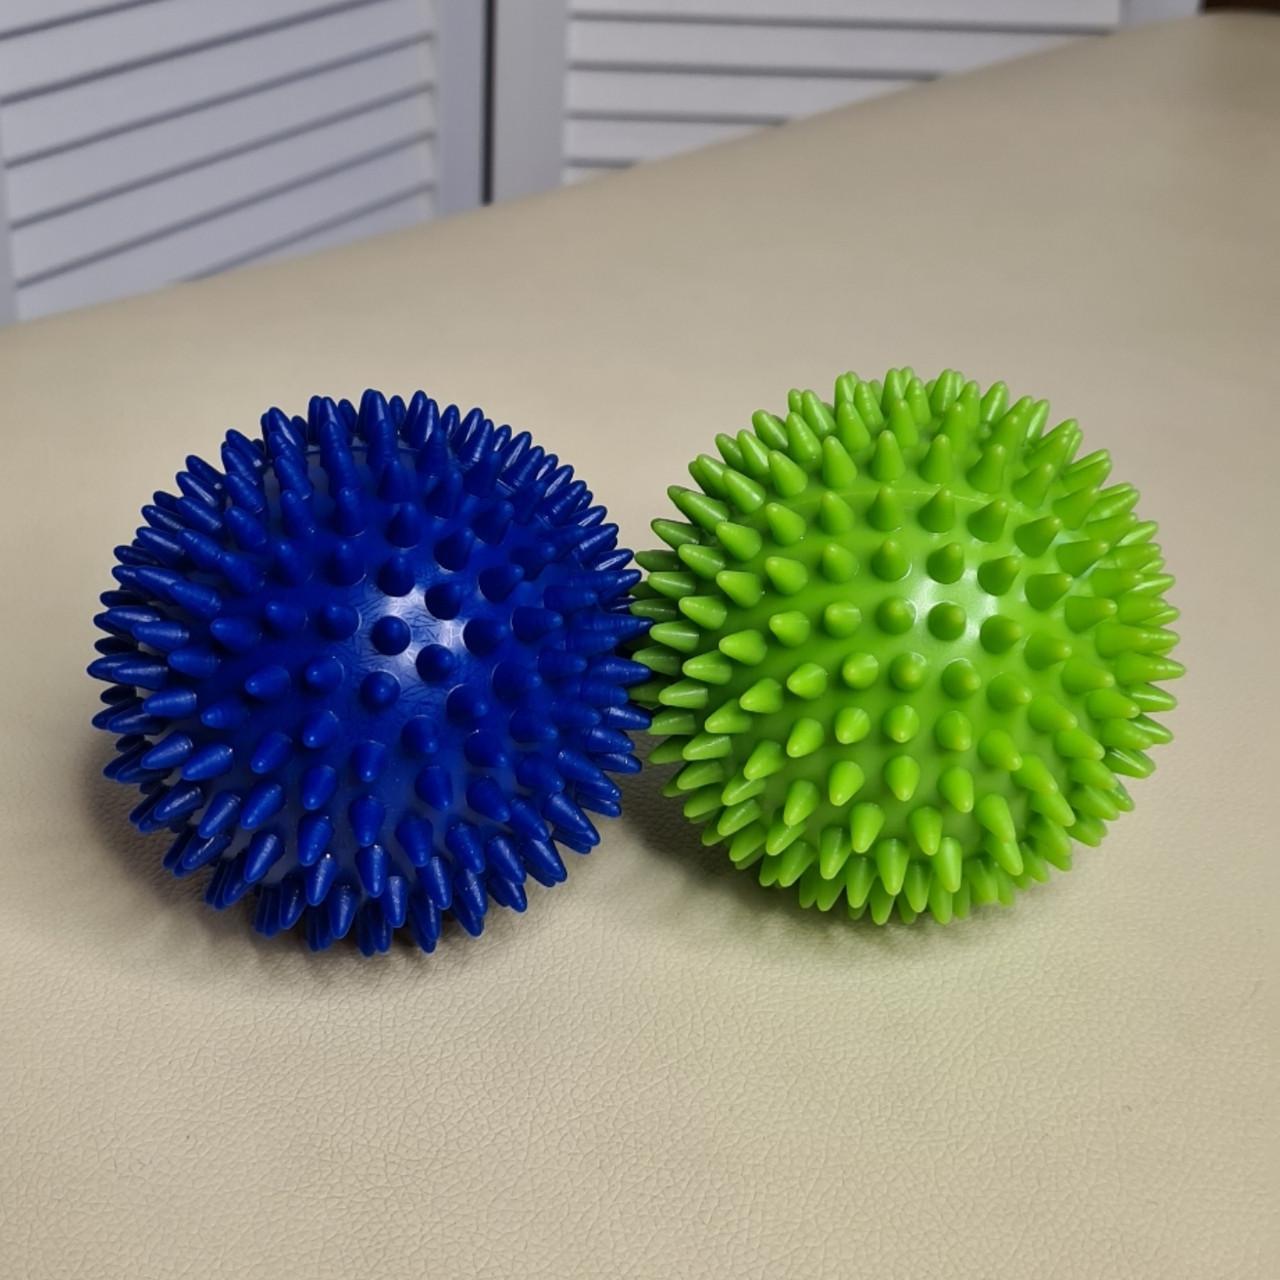 М'яч масажний жорсткий 7.5 см